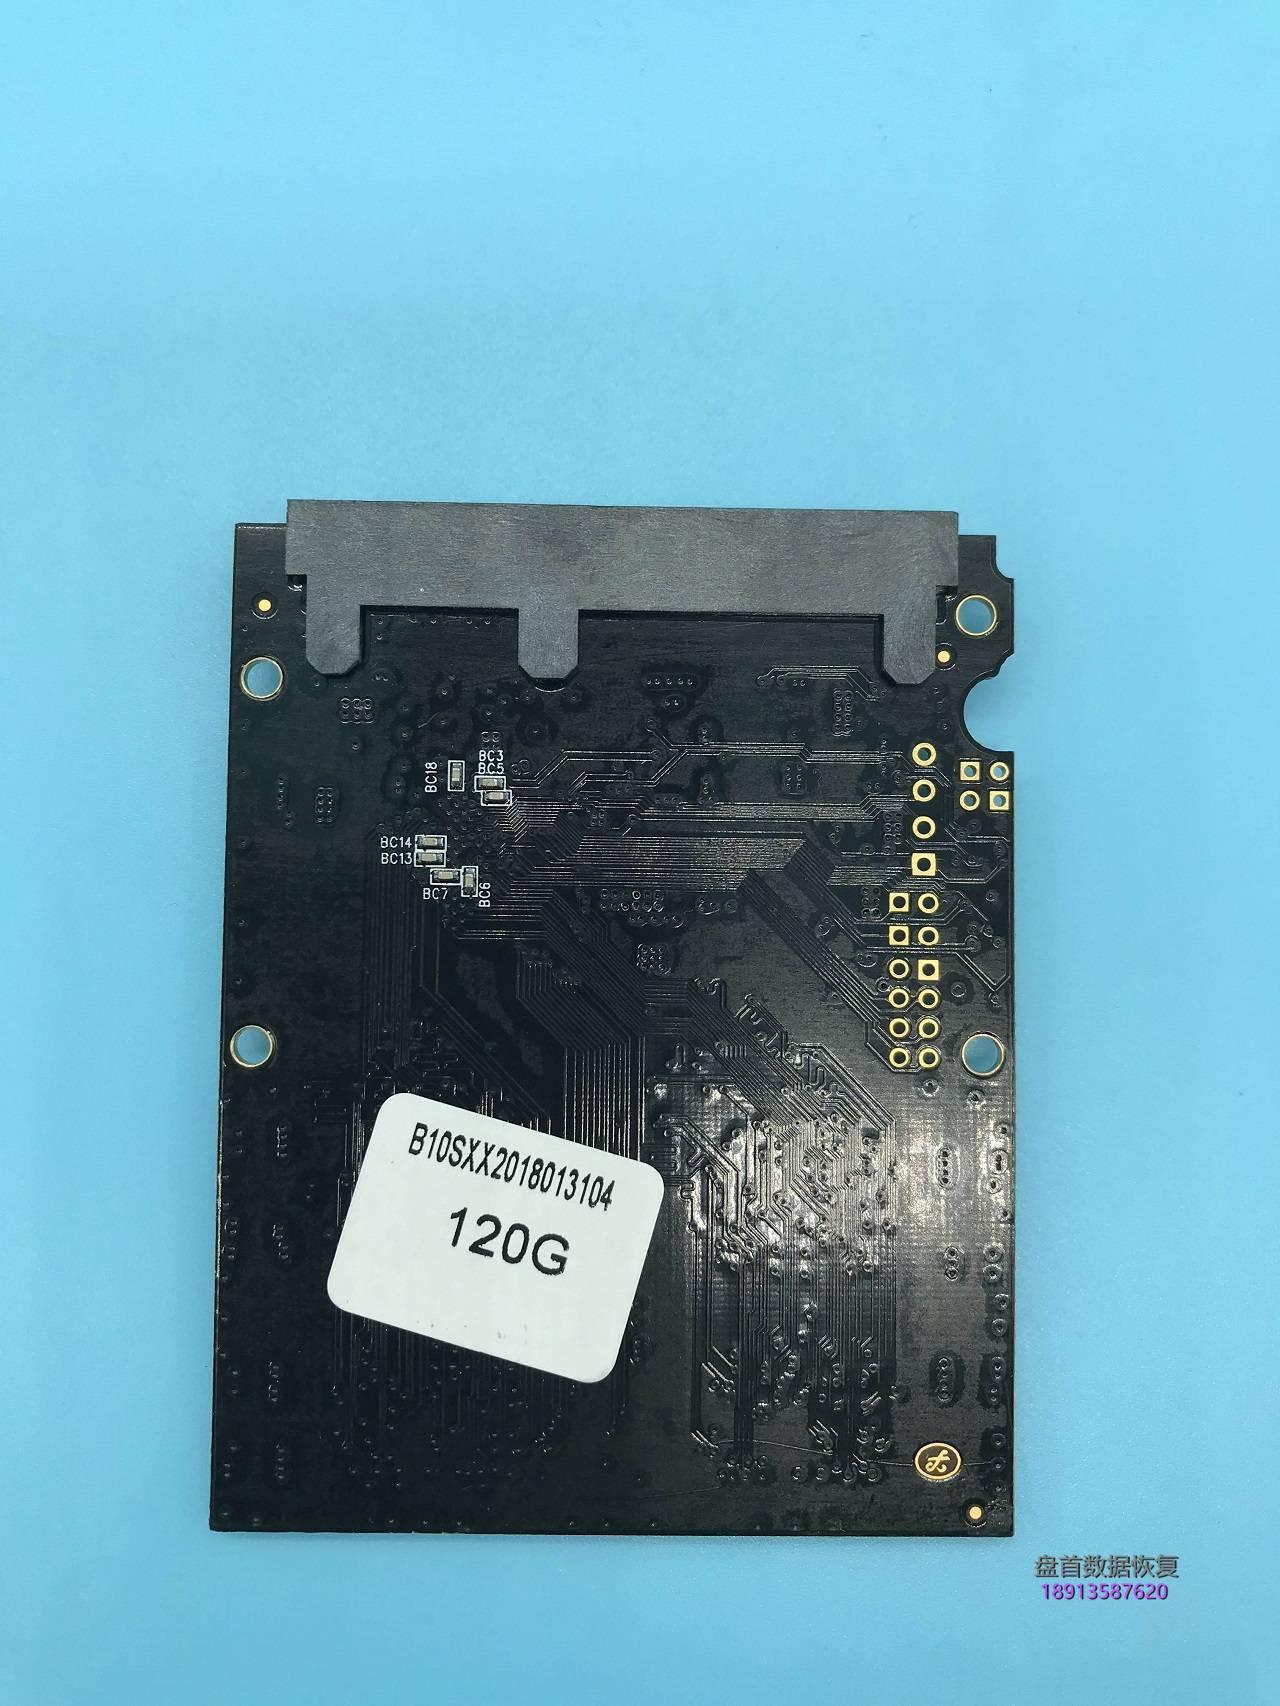 0-3 辛士达120G固态硬盘大白鲨杂牌SSD固态硬盘掉盘无法识别不读盘主控SM2246XT型号数据恢复成功